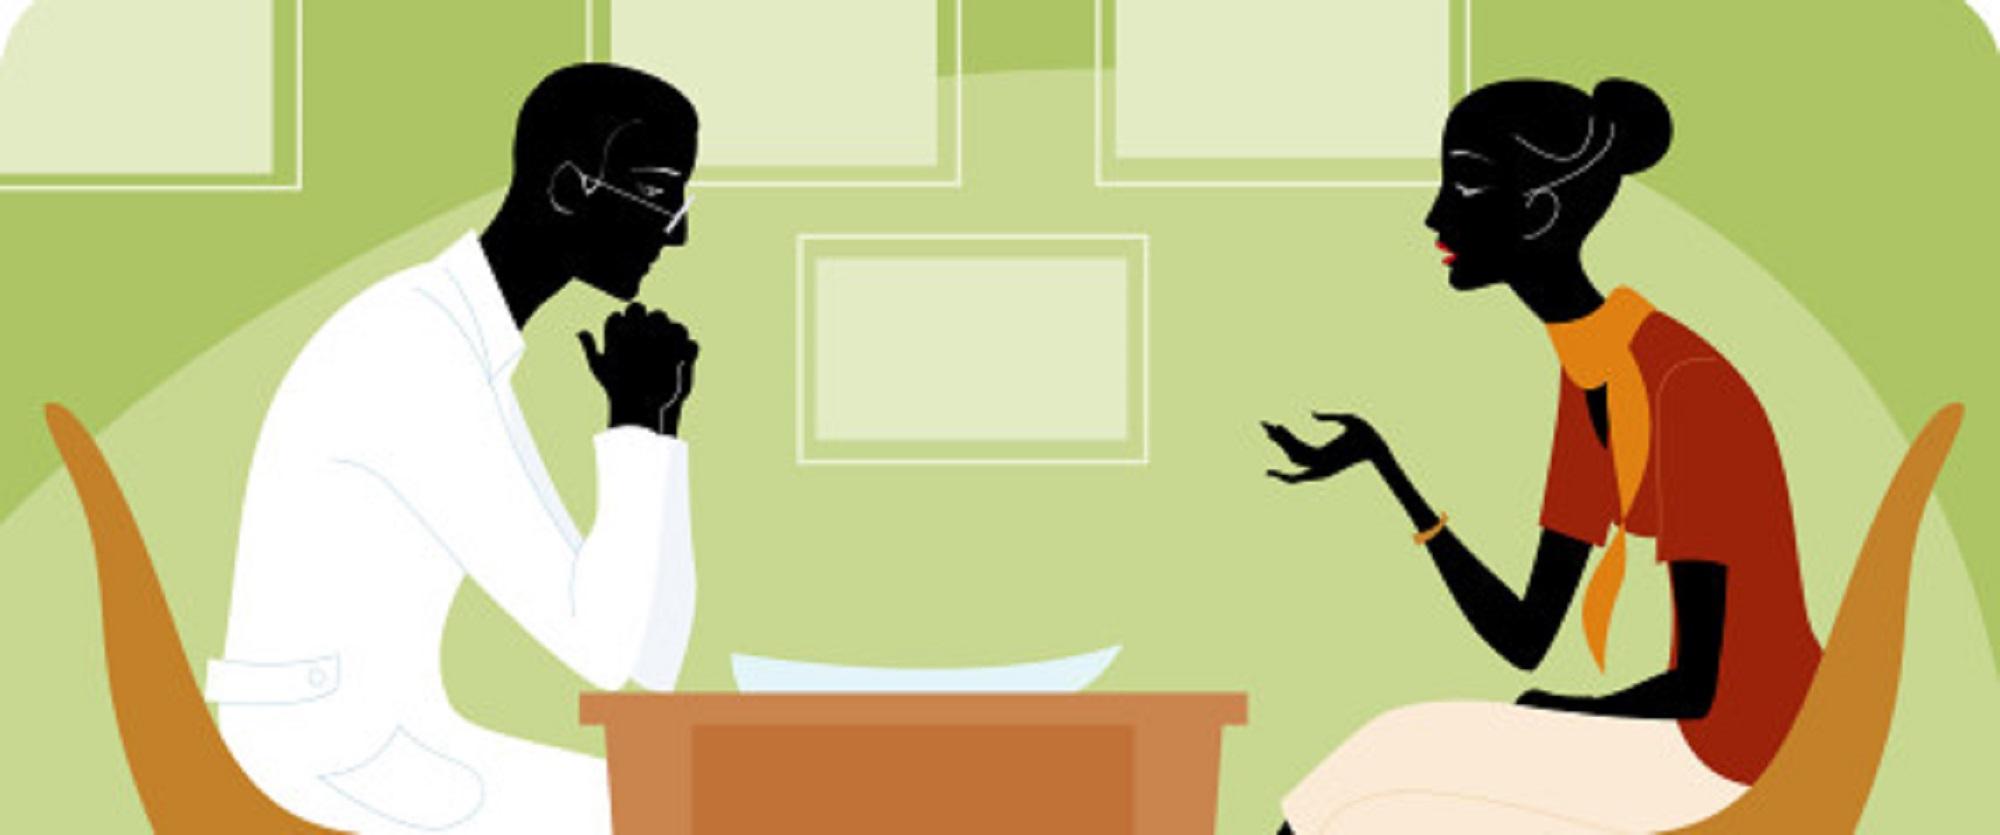 ترک درمان و درمانگر: آیا زمان آن رسیده که درمانگر خود را ترک کنید؟